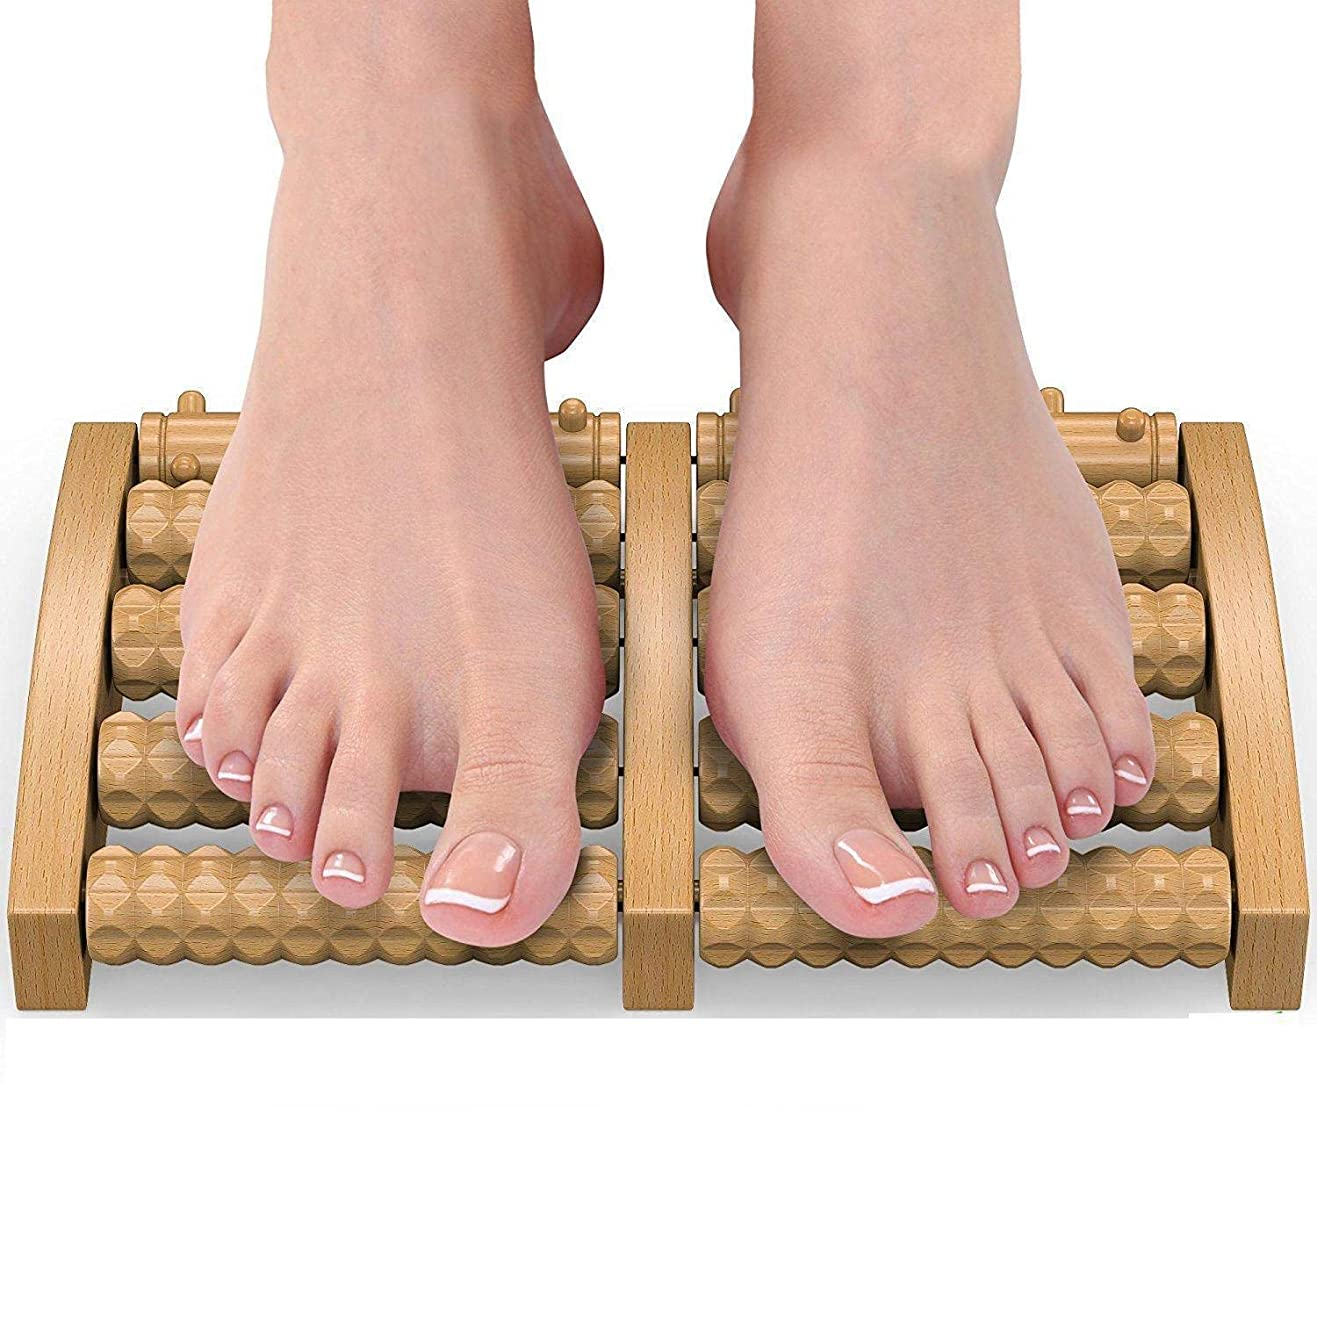 最少ほかに画像足のマッサージトマッサージャーフットマッサージローラー木製ホイール、足底筋膜炎ストレスヒールアーチ痛み指圧指圧緩和、2個を和らげる